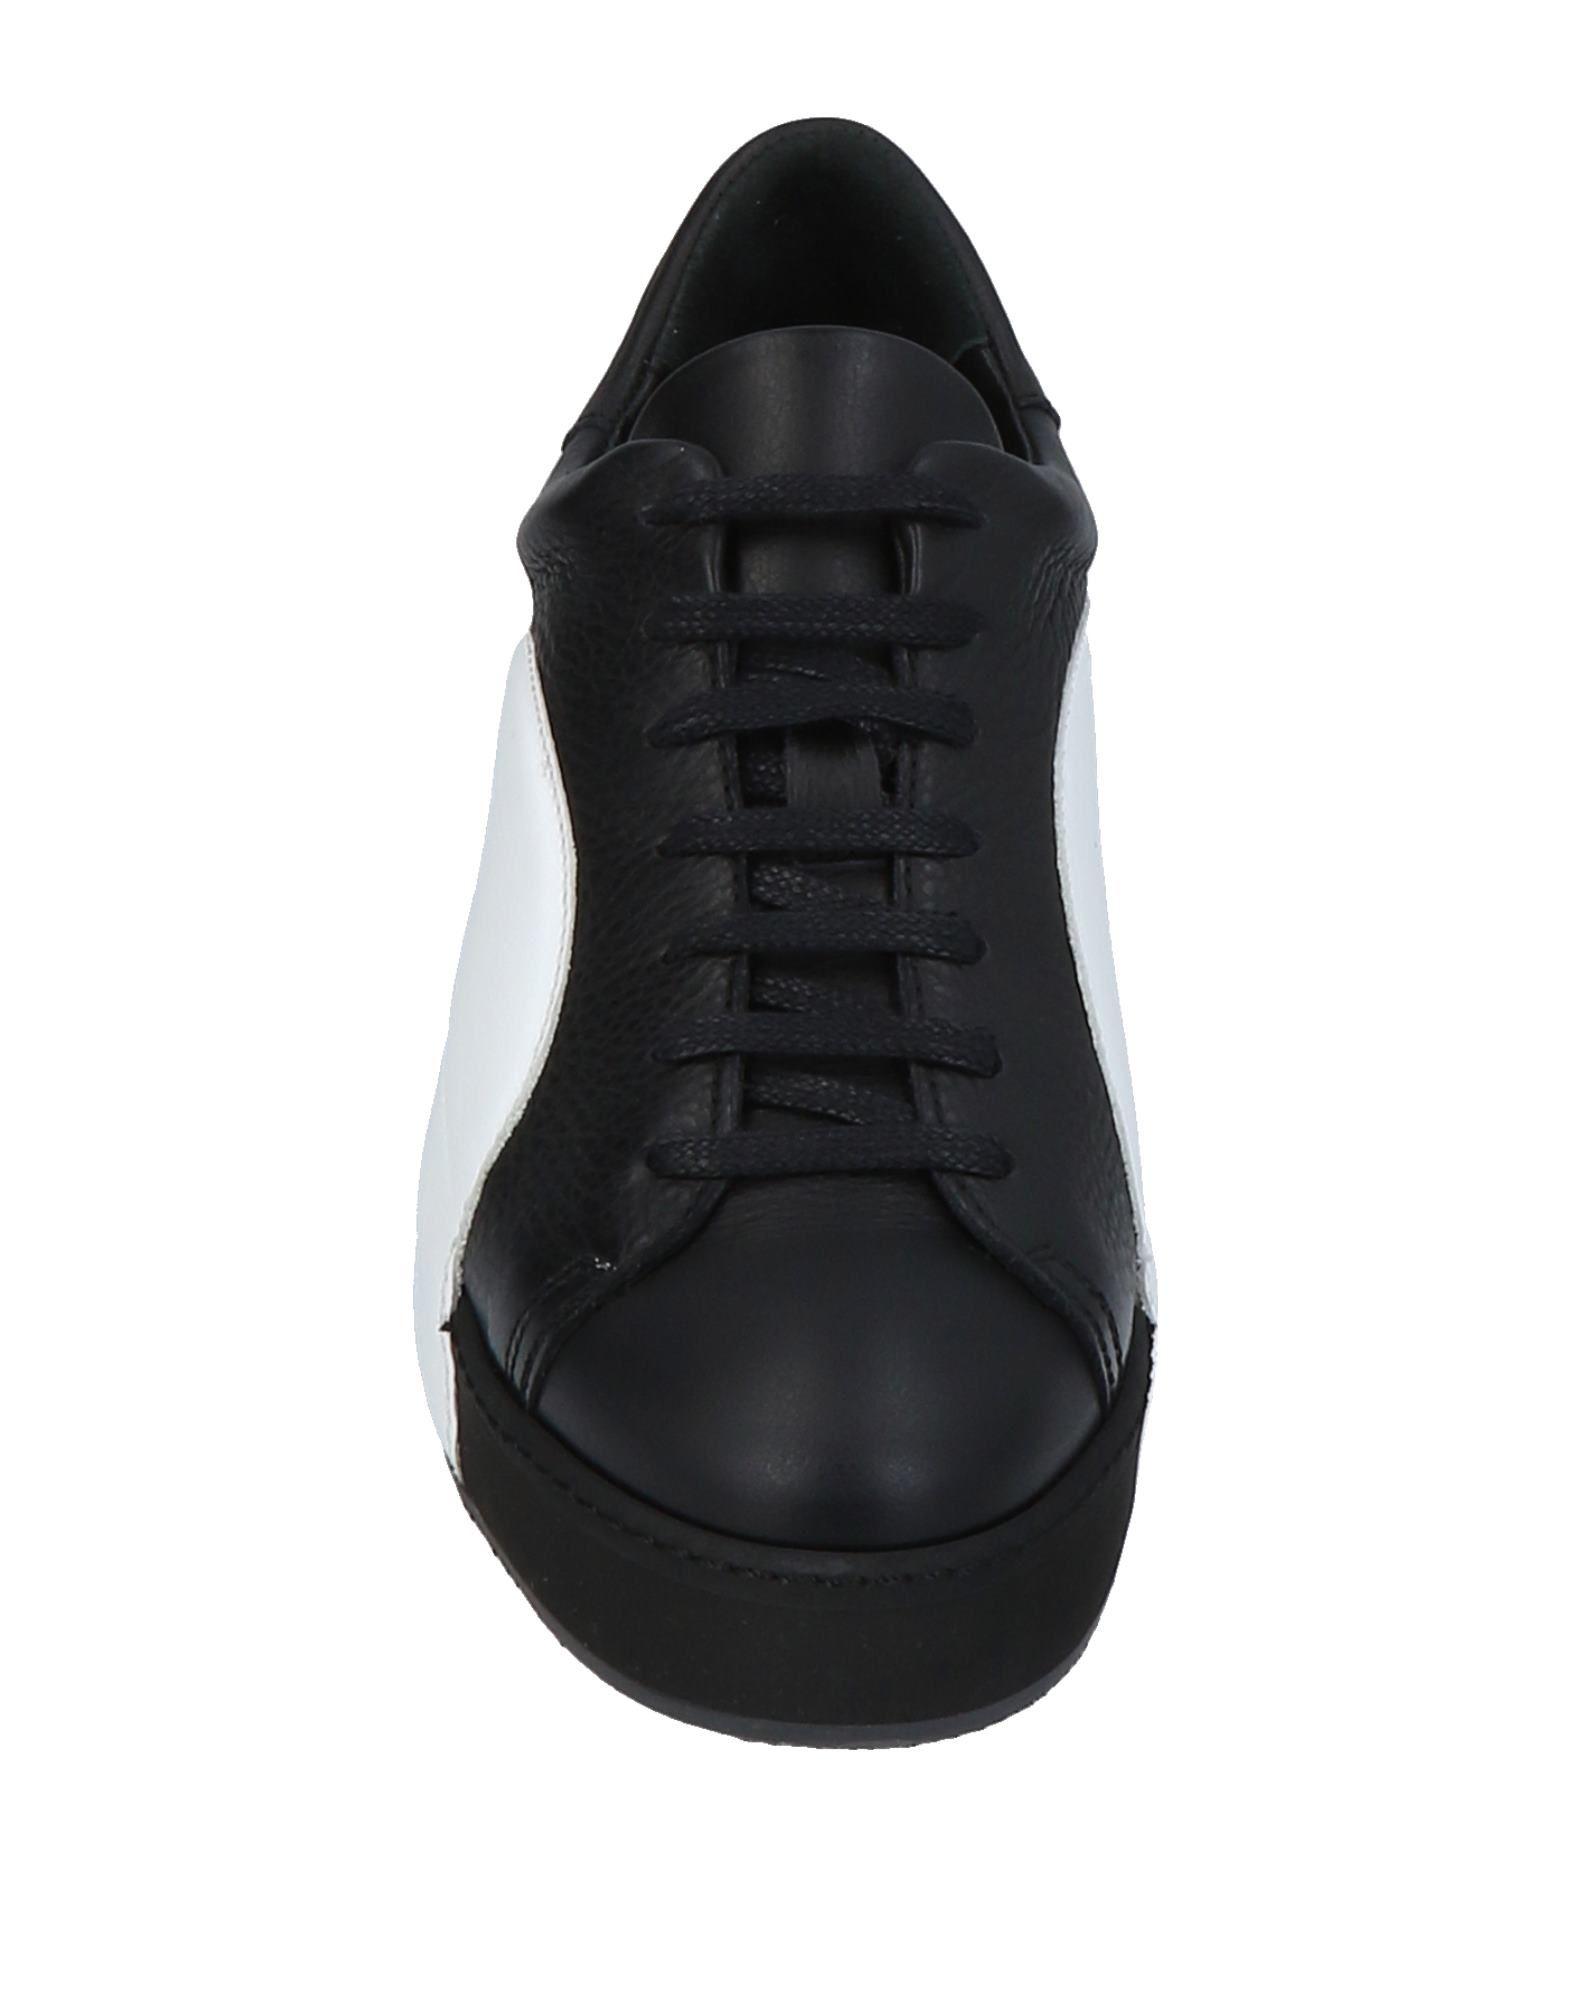 Manuel Barceló Sneakers Qualität Damen  11452547IP Gute Qualität Sneakers beliebte Schuhe a3b04e